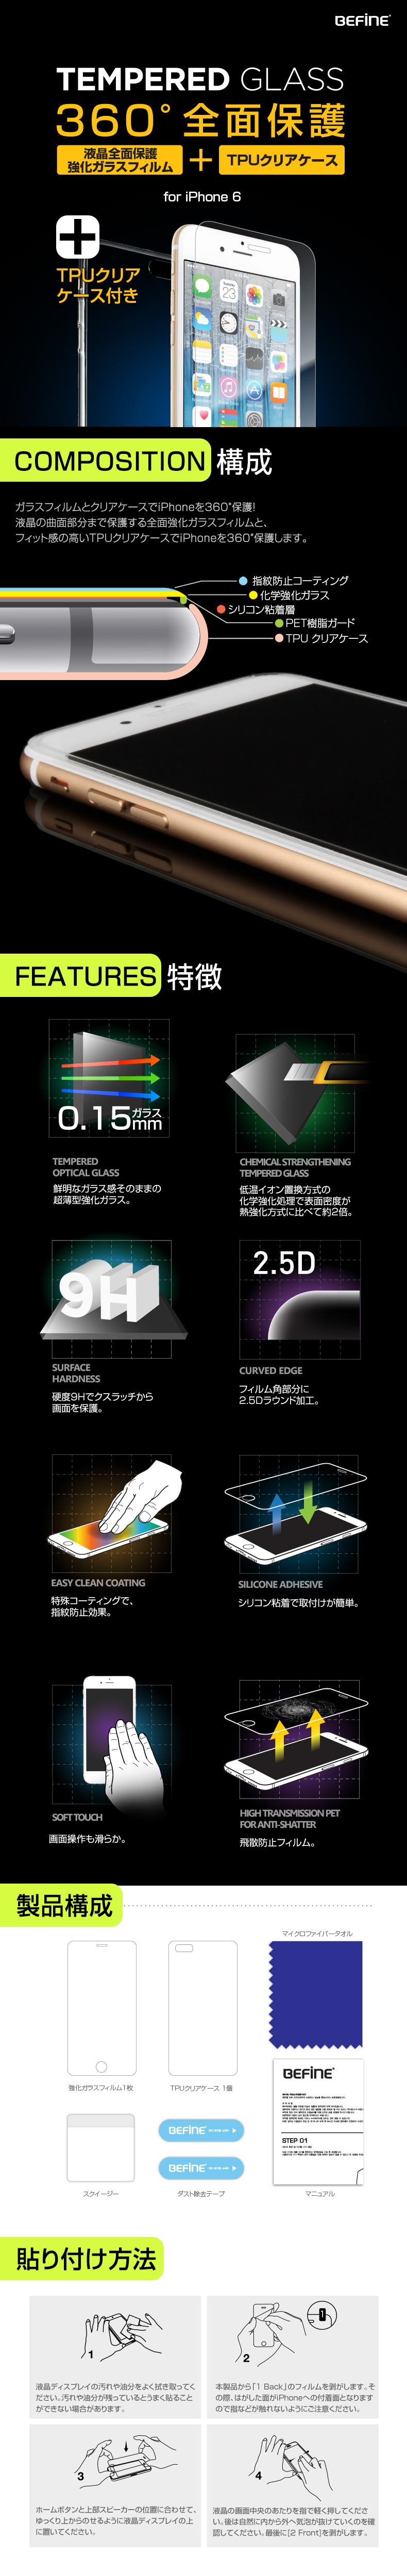 商品詳細-iPhone6 フィルム専用ケース